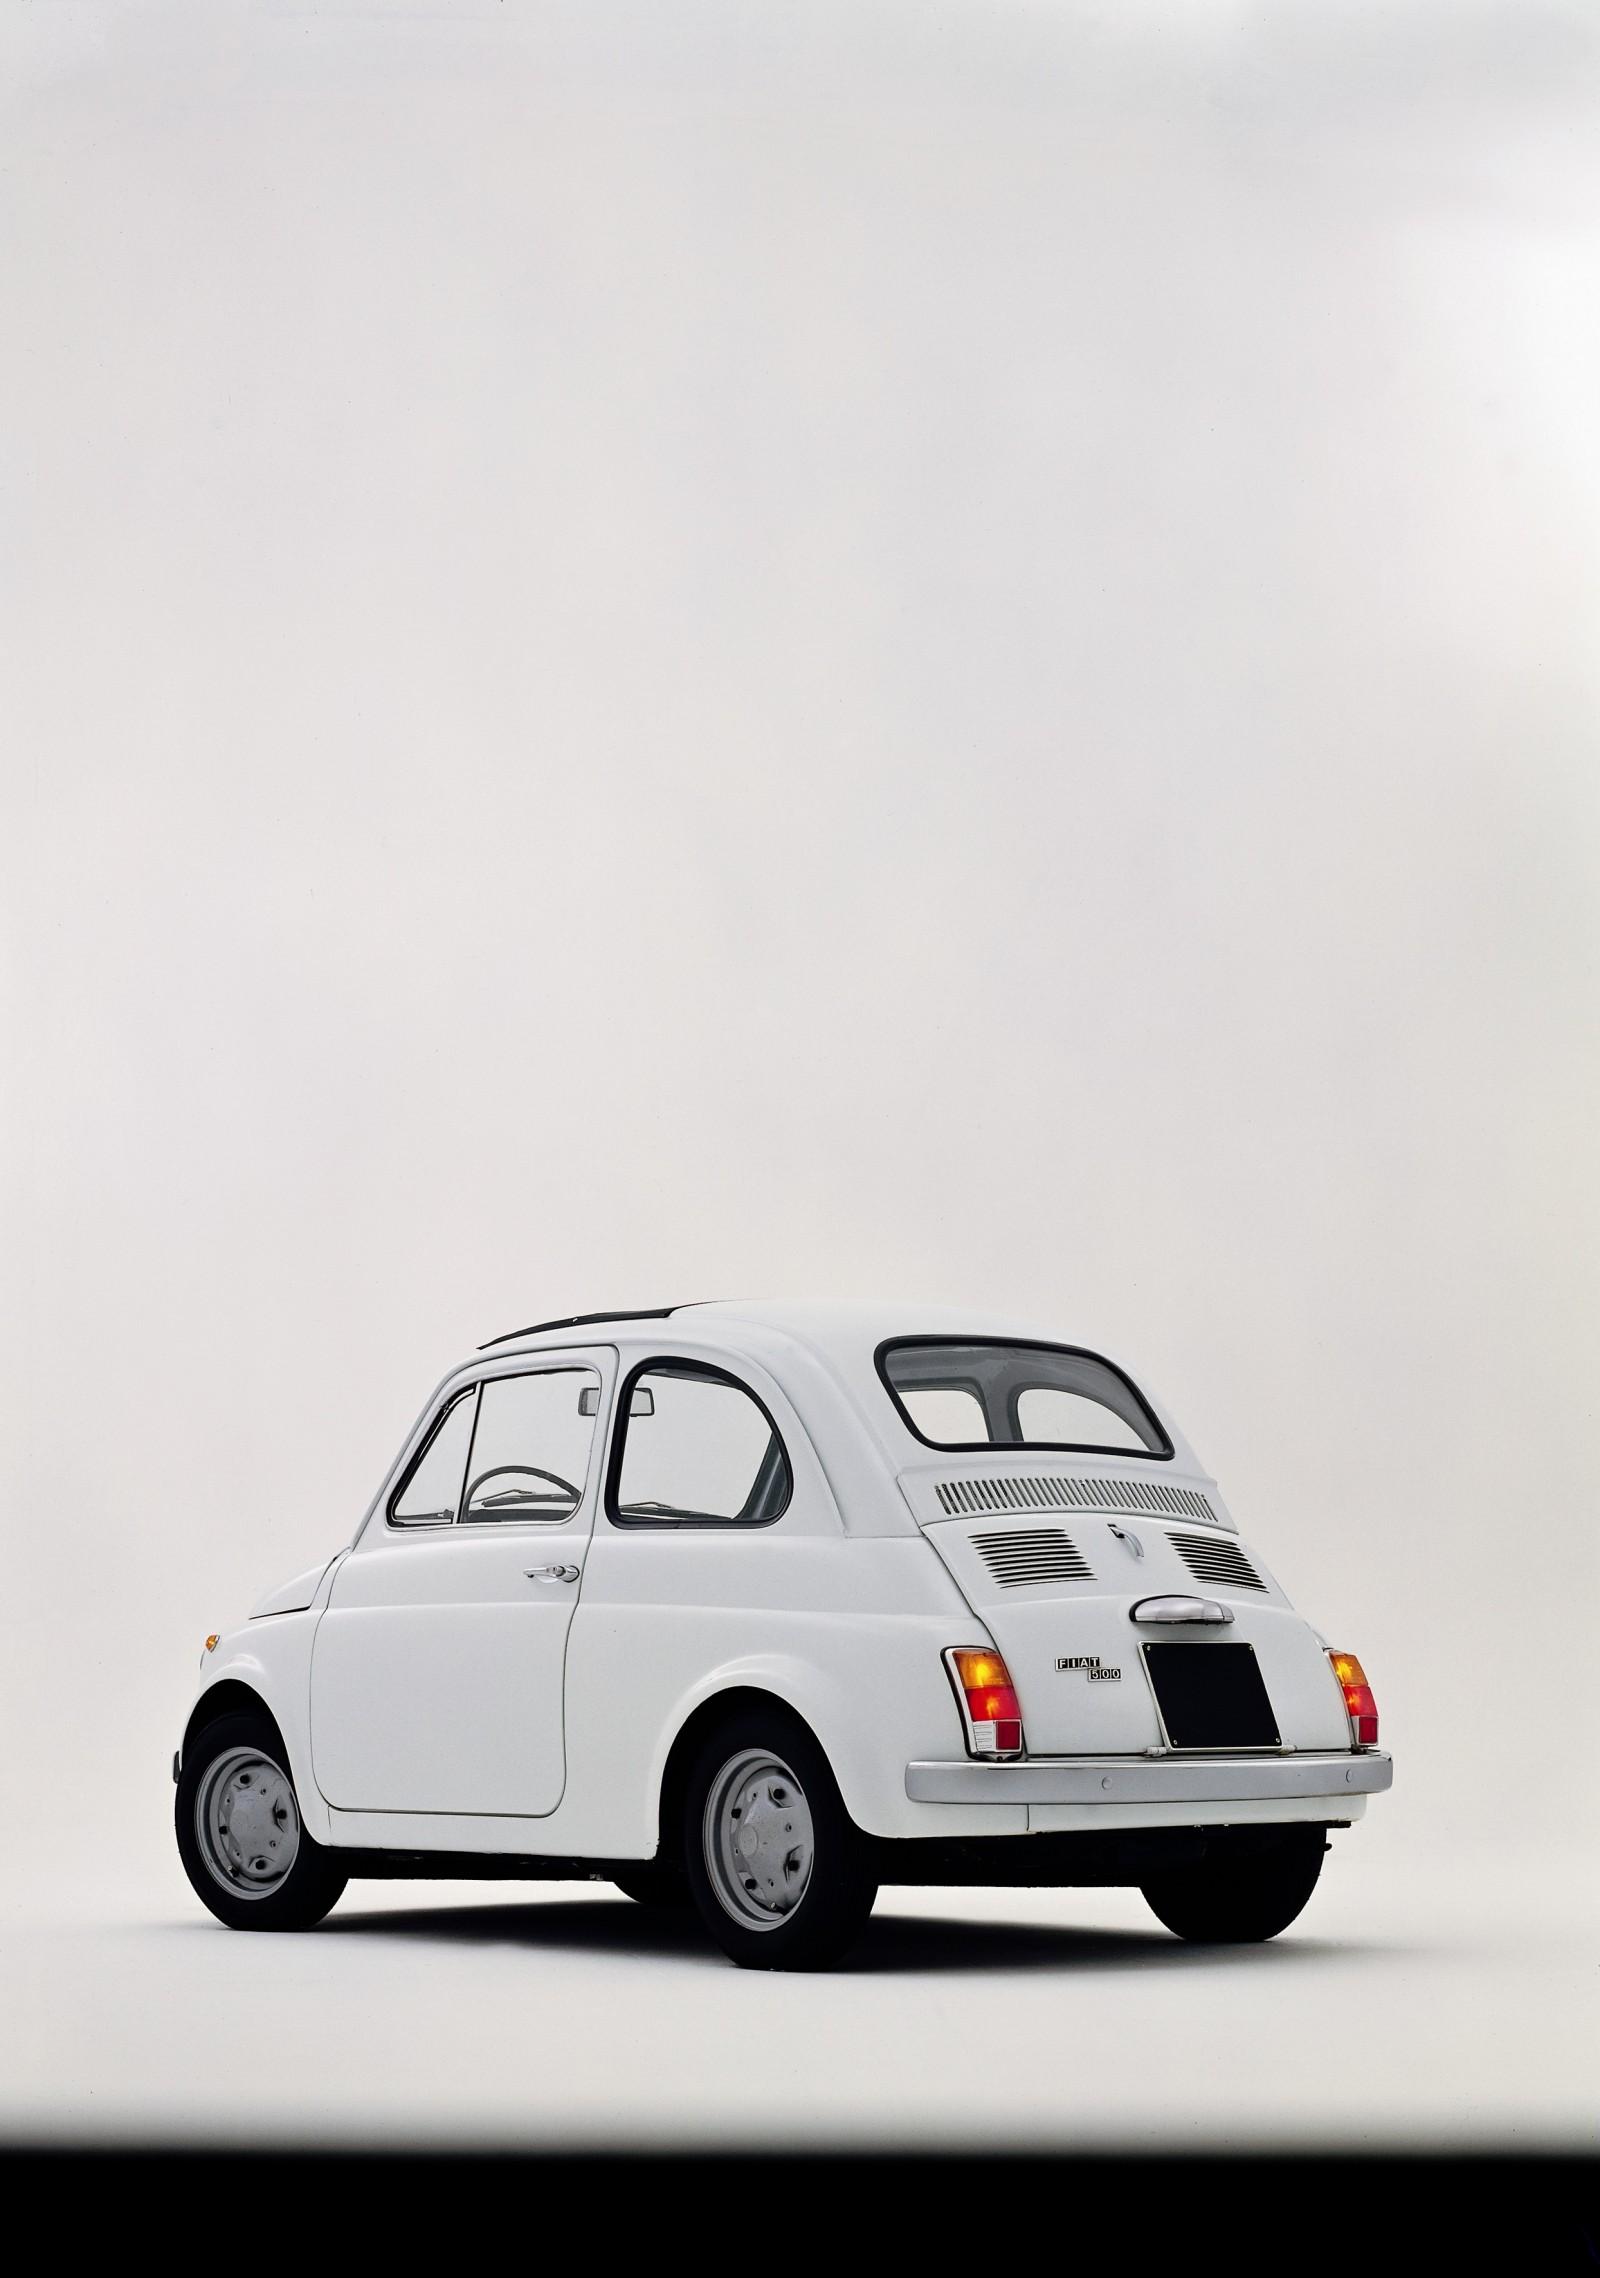 Fiat_500_05